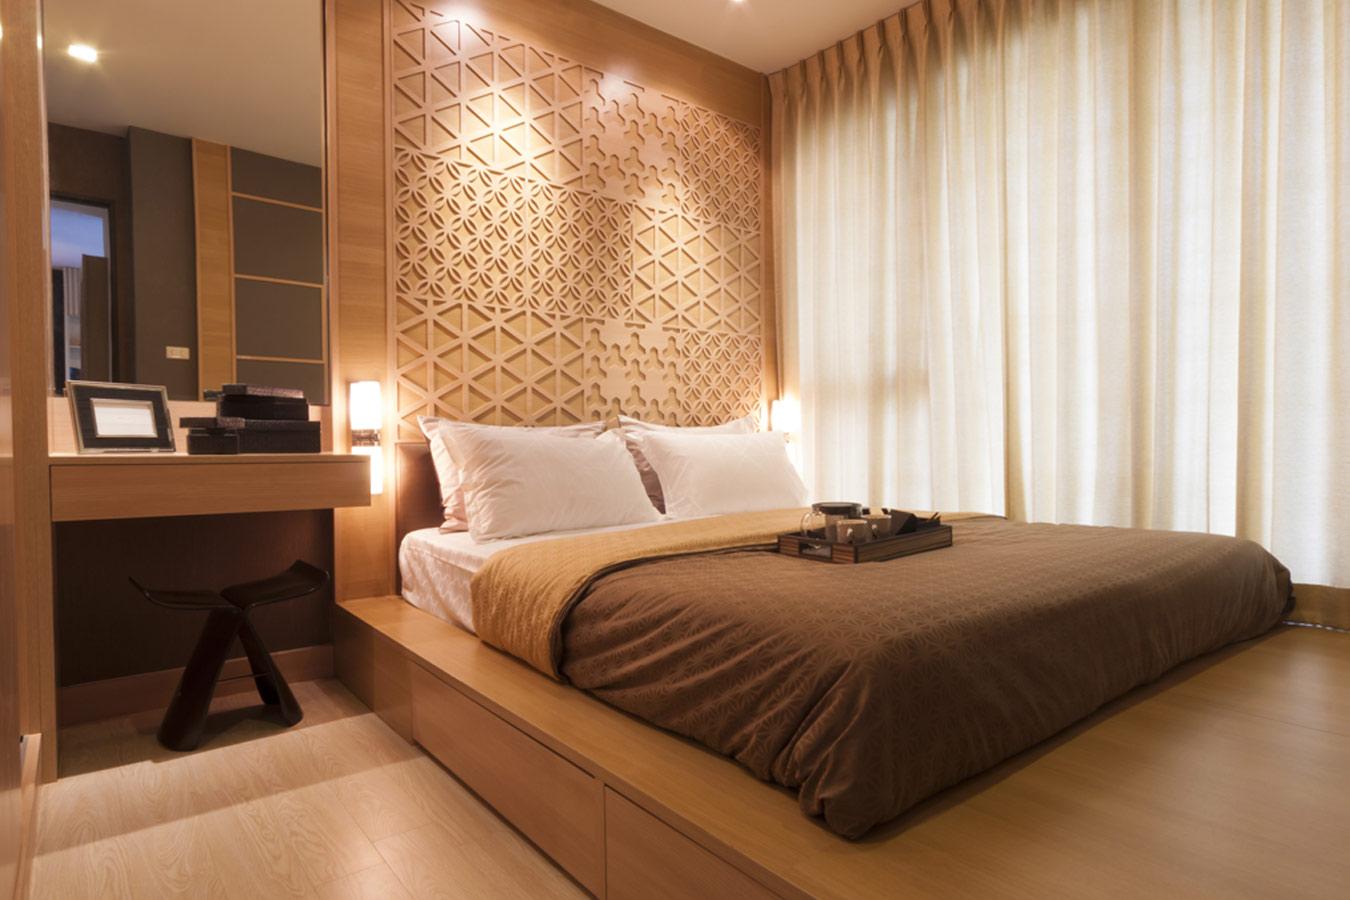 Landelijke slaapkamer idee n inspiratie - Slaapkamer idee ...